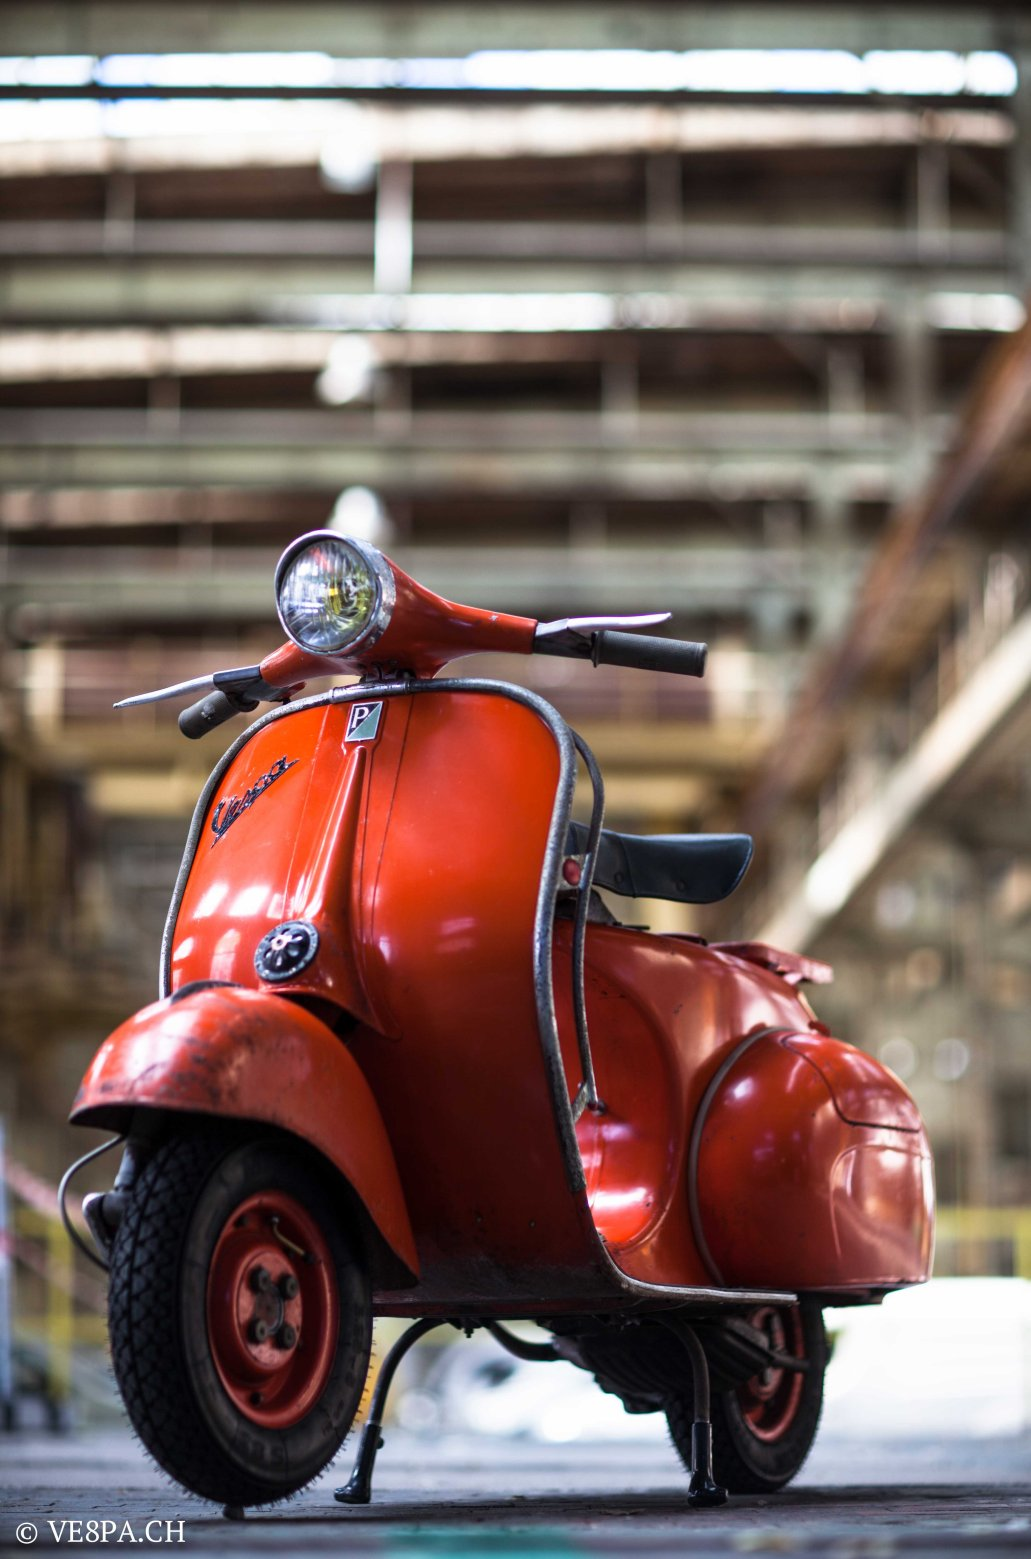 Vespa ACMA Typ N, 1960, 9535 KM, O-Lack, www.VE8PA.CH-59